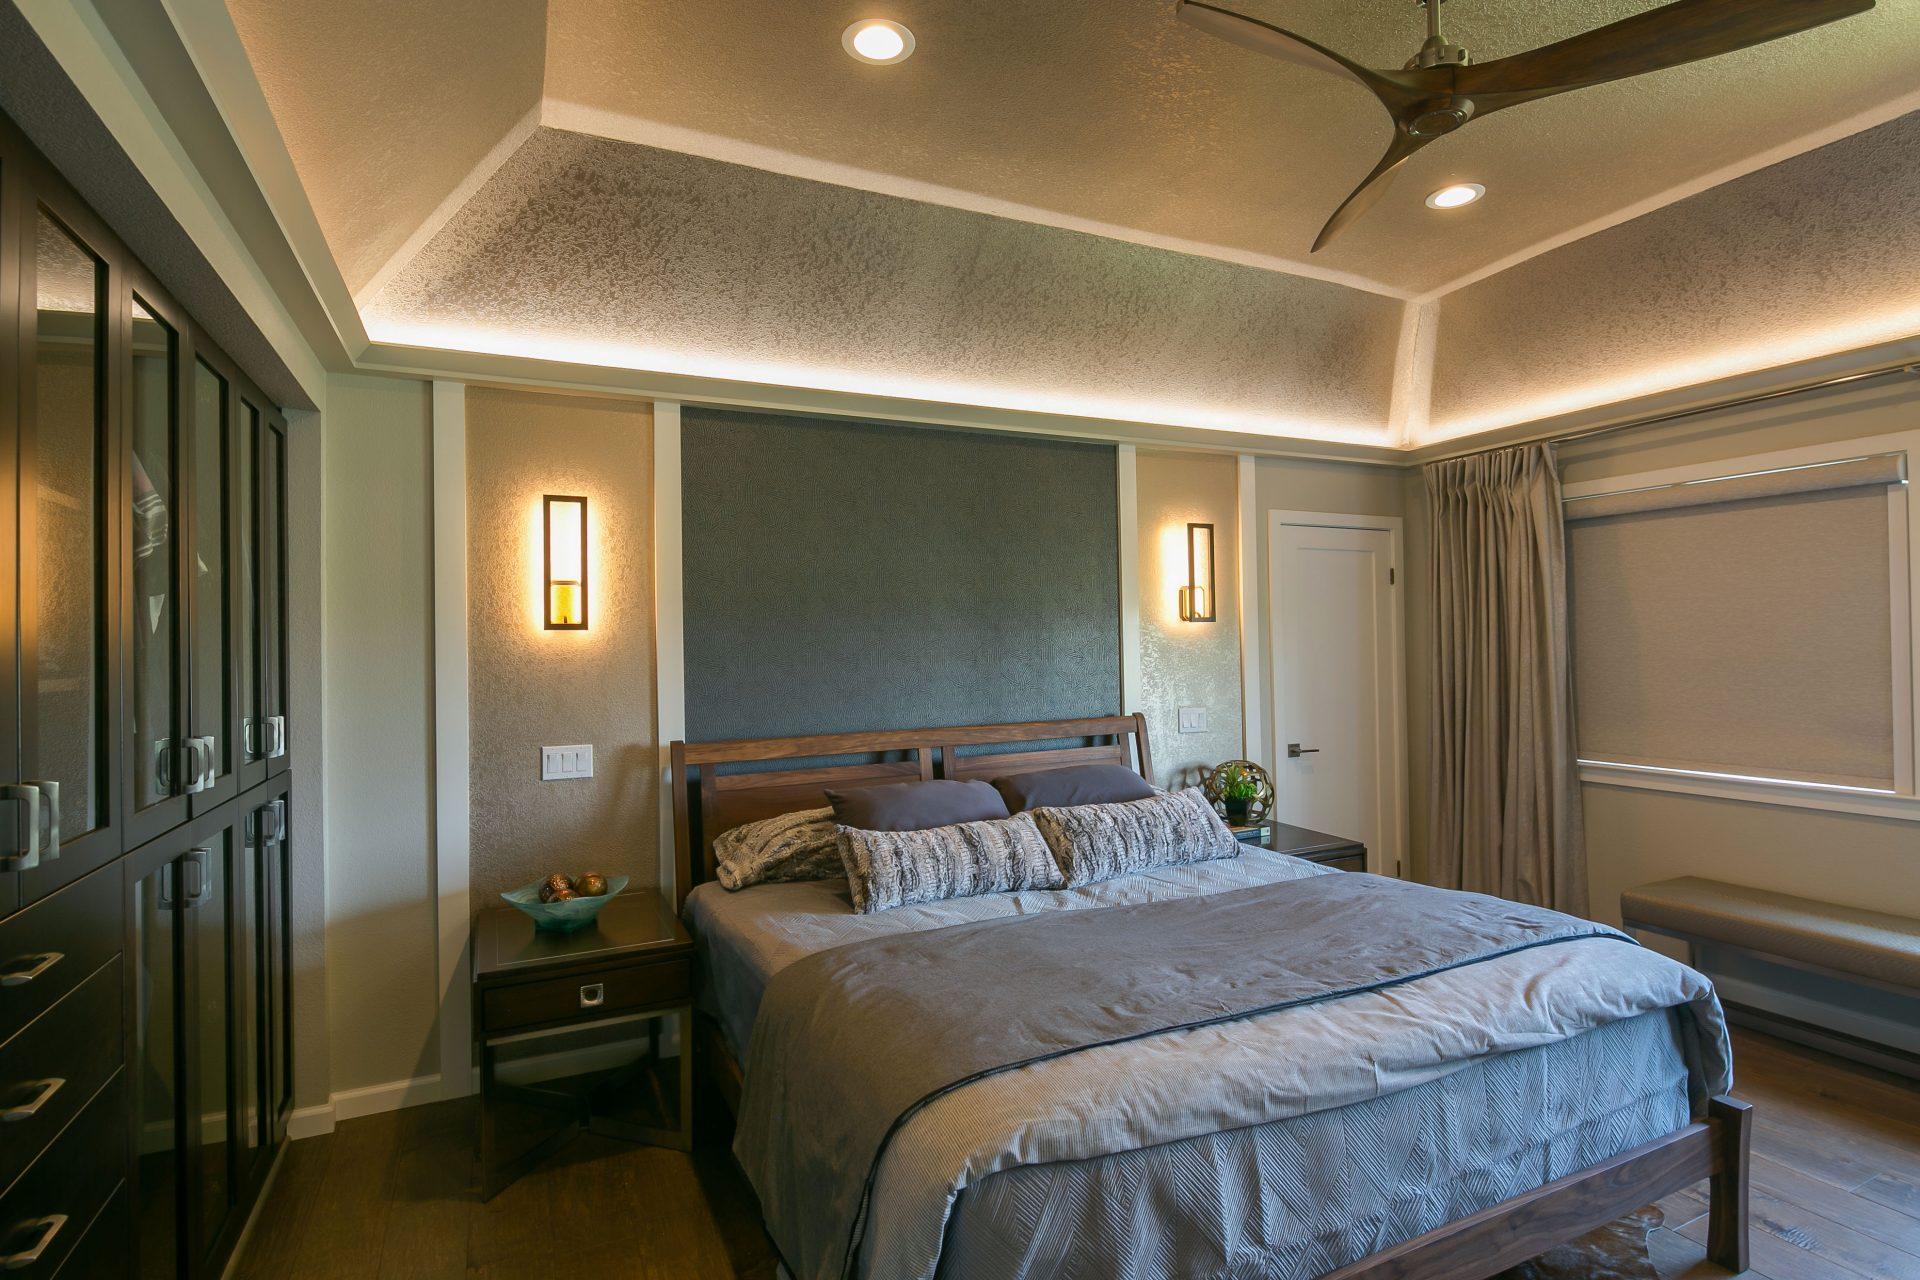 After master suite remodeled